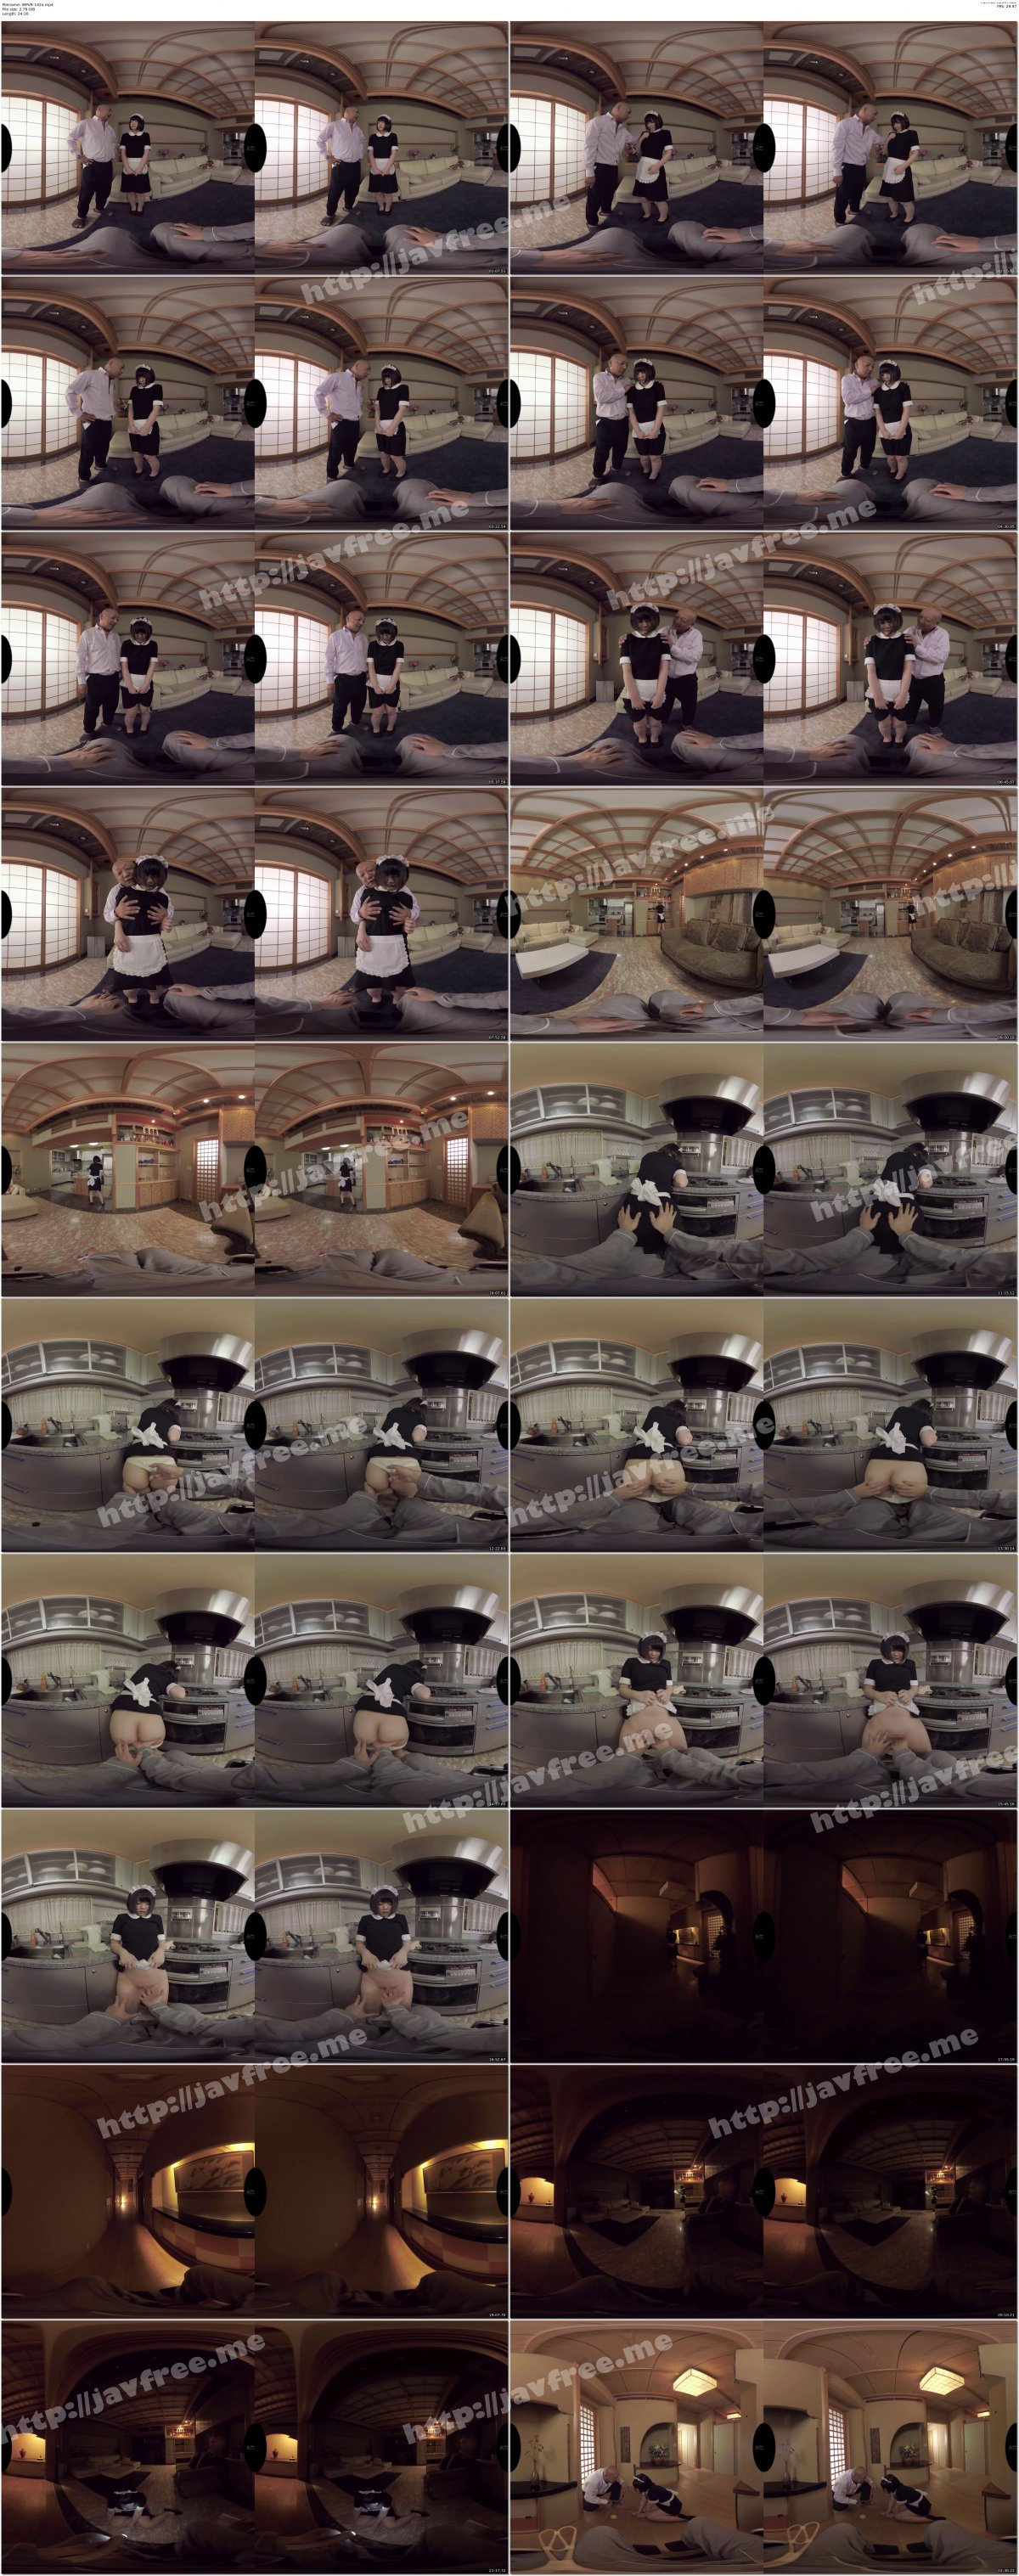 [WPVR-142] 【VR】鬼畜!追跡!!逃げ場なし!!! パニックハウス 雛菊つばさ - image WPVR-142a on https://javfree.me